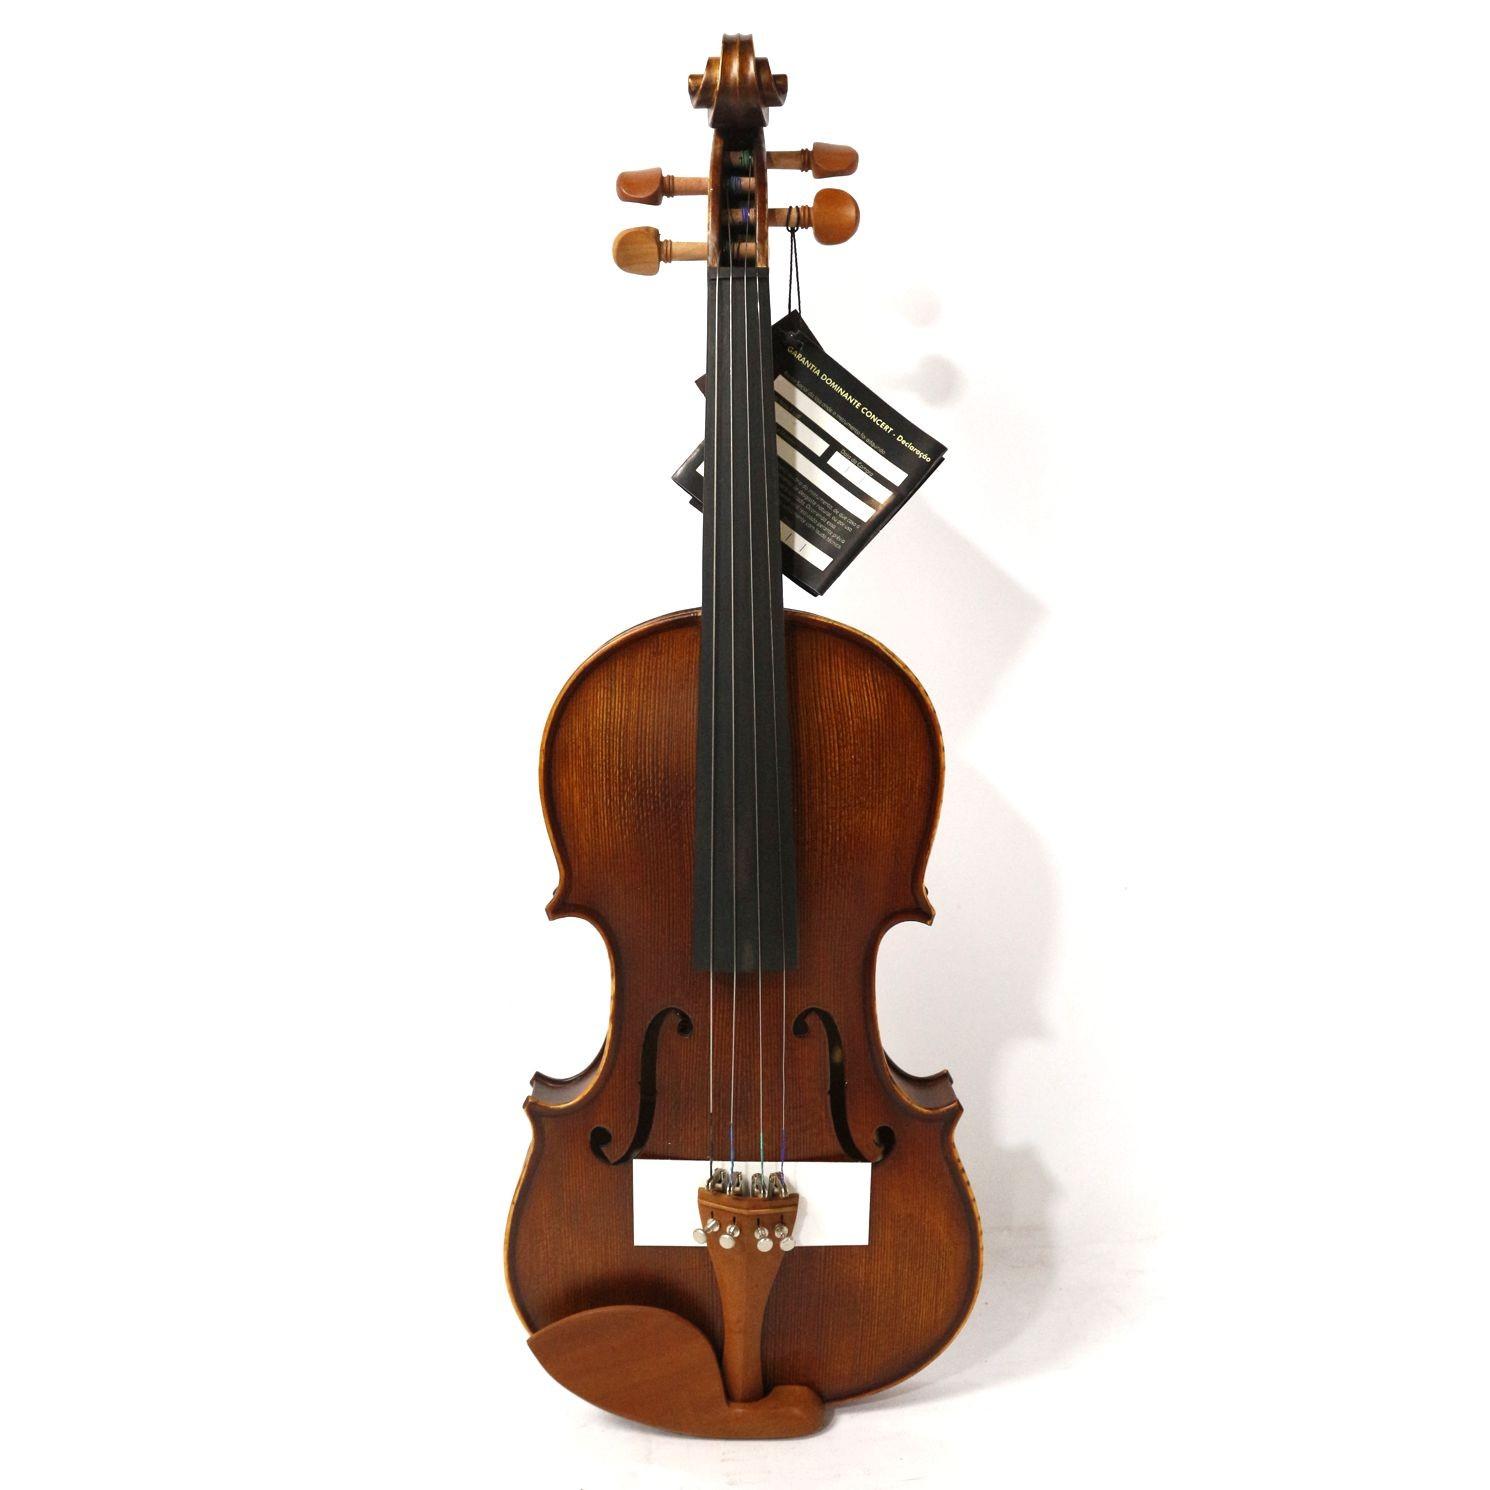 Violino 4/4 Dominante Concert Maciço com Estojo ARCO e Breu